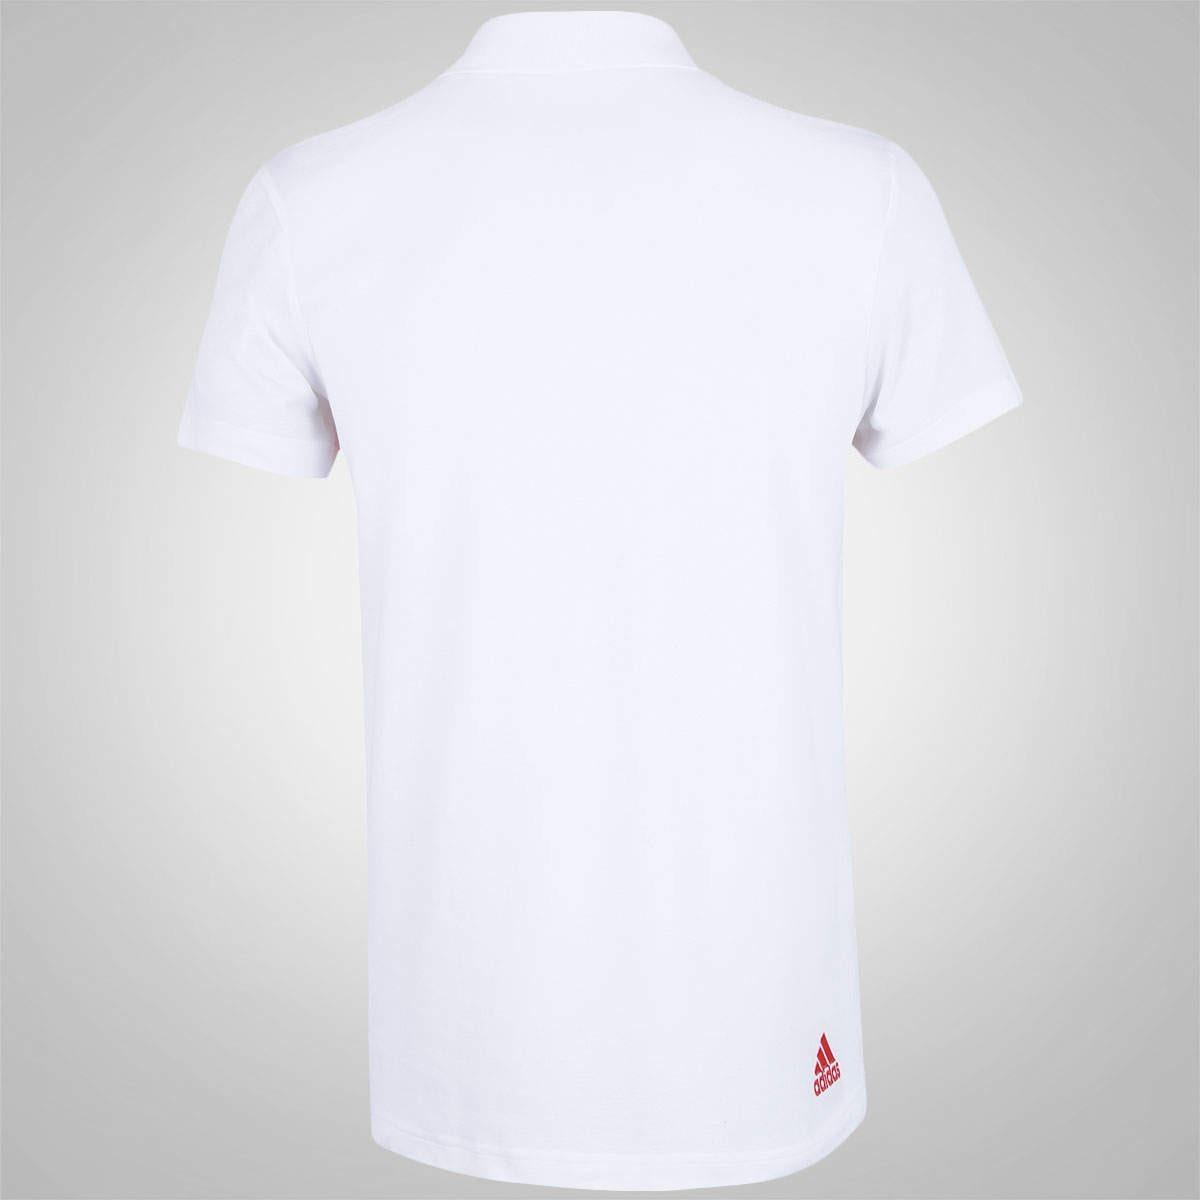 2b6a606242 Camisa Polo Branca Flamengo adidas 2016 - R$ 139,90 em Mercado Livre